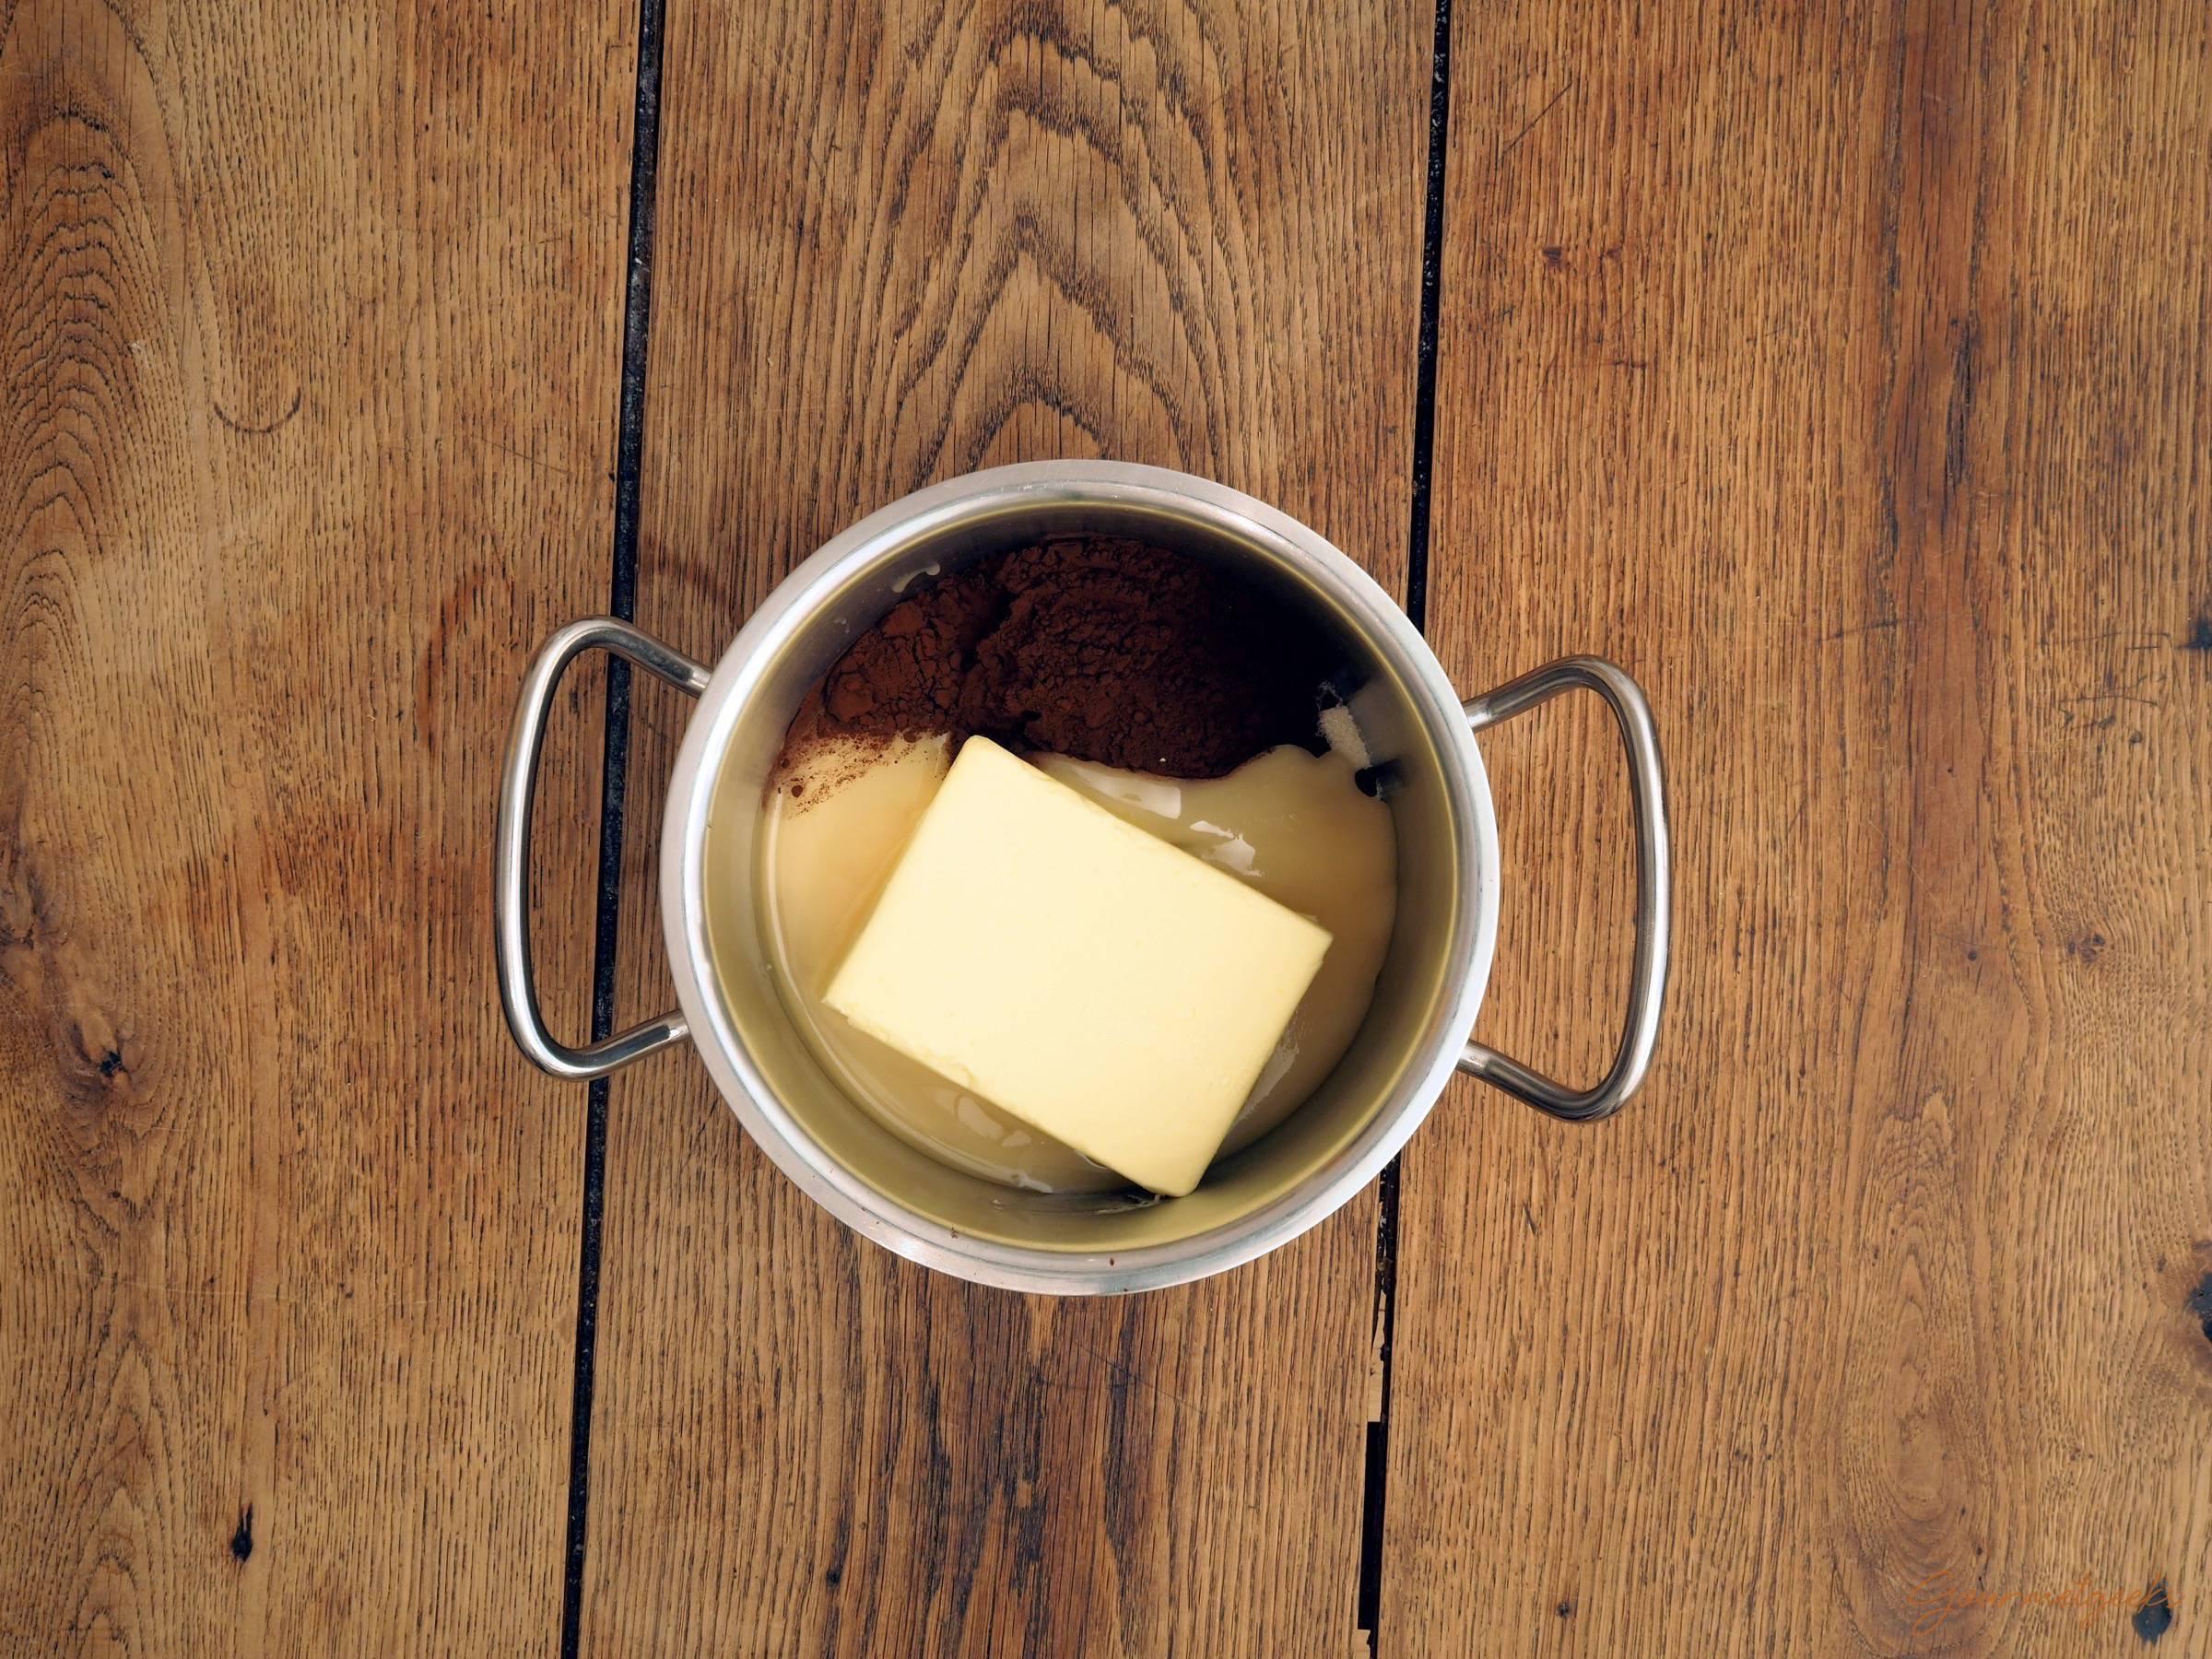 Butter, Zucker, Honig und Kakao in einen Topf geben...